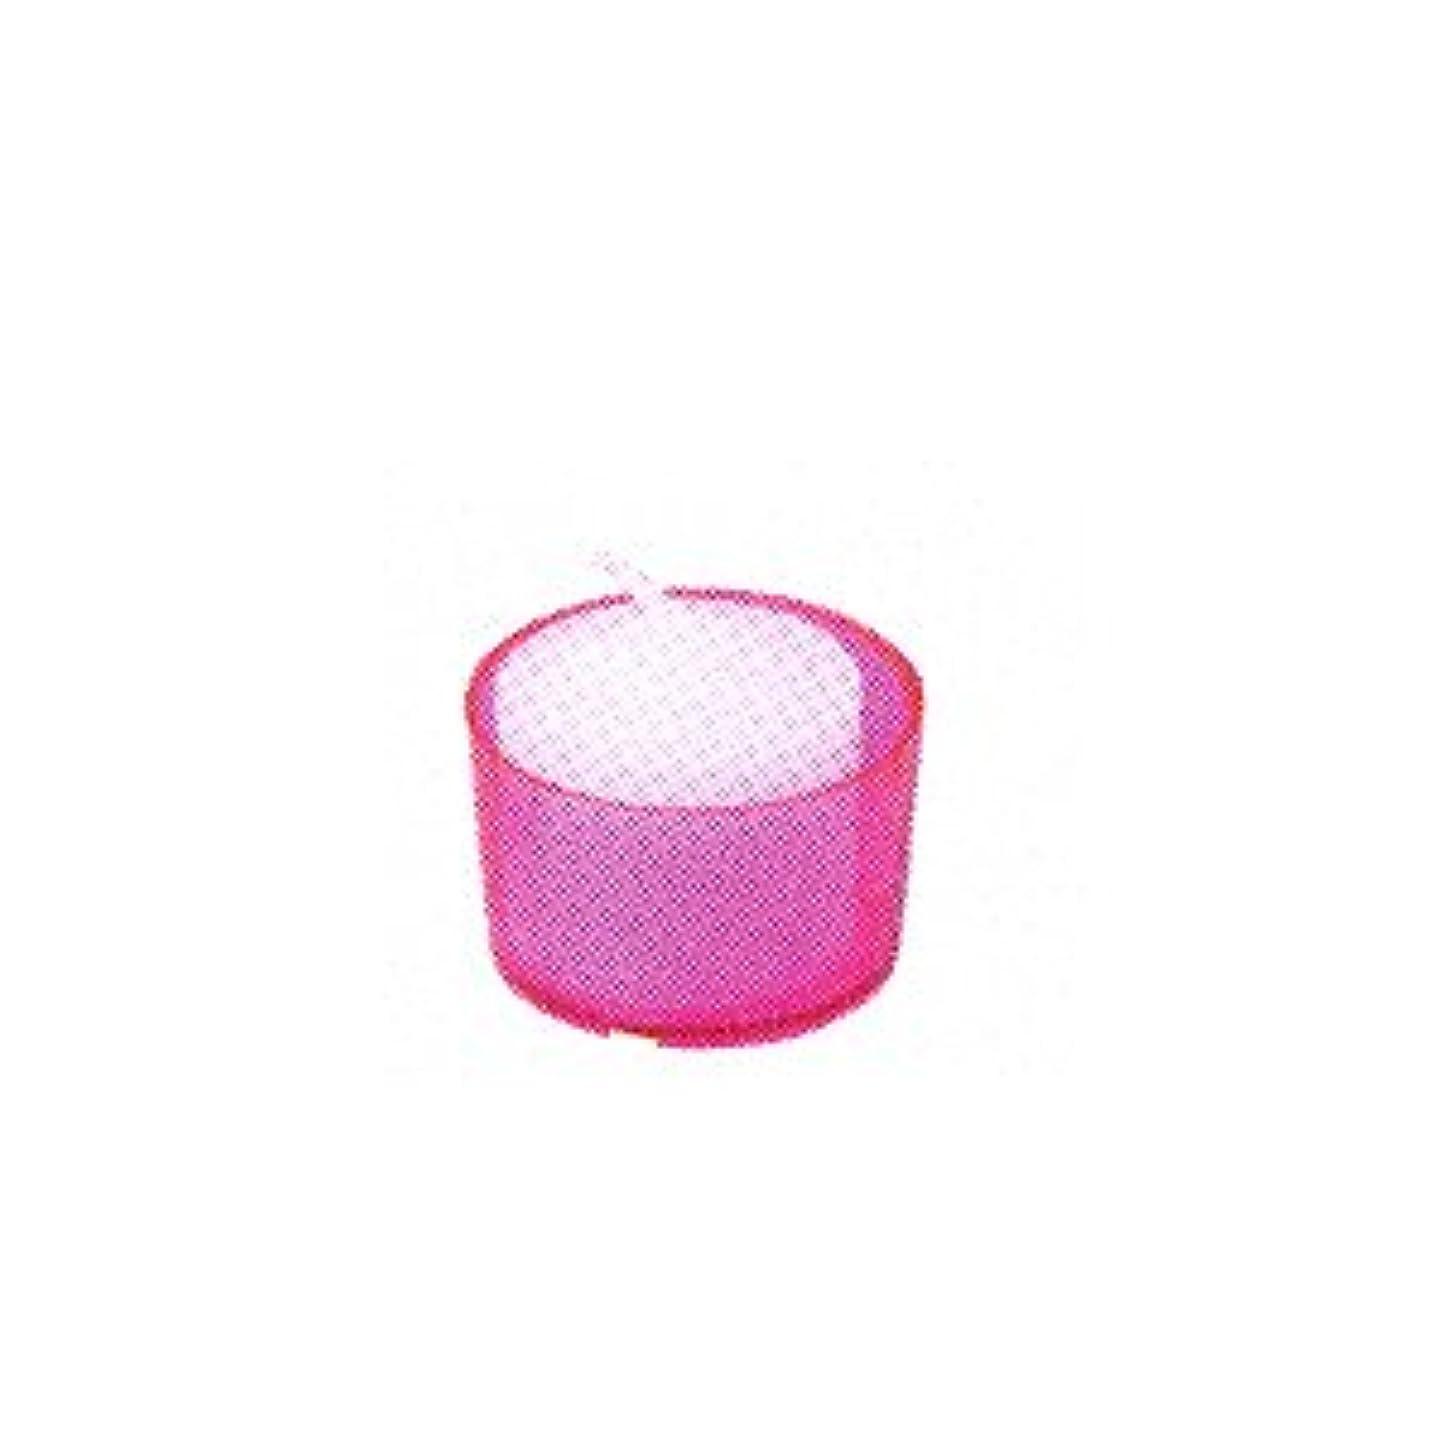 売上高葉巻論理カメヤマキャンドル カラークリアカップ ボーティブ6 ピンク 24個入